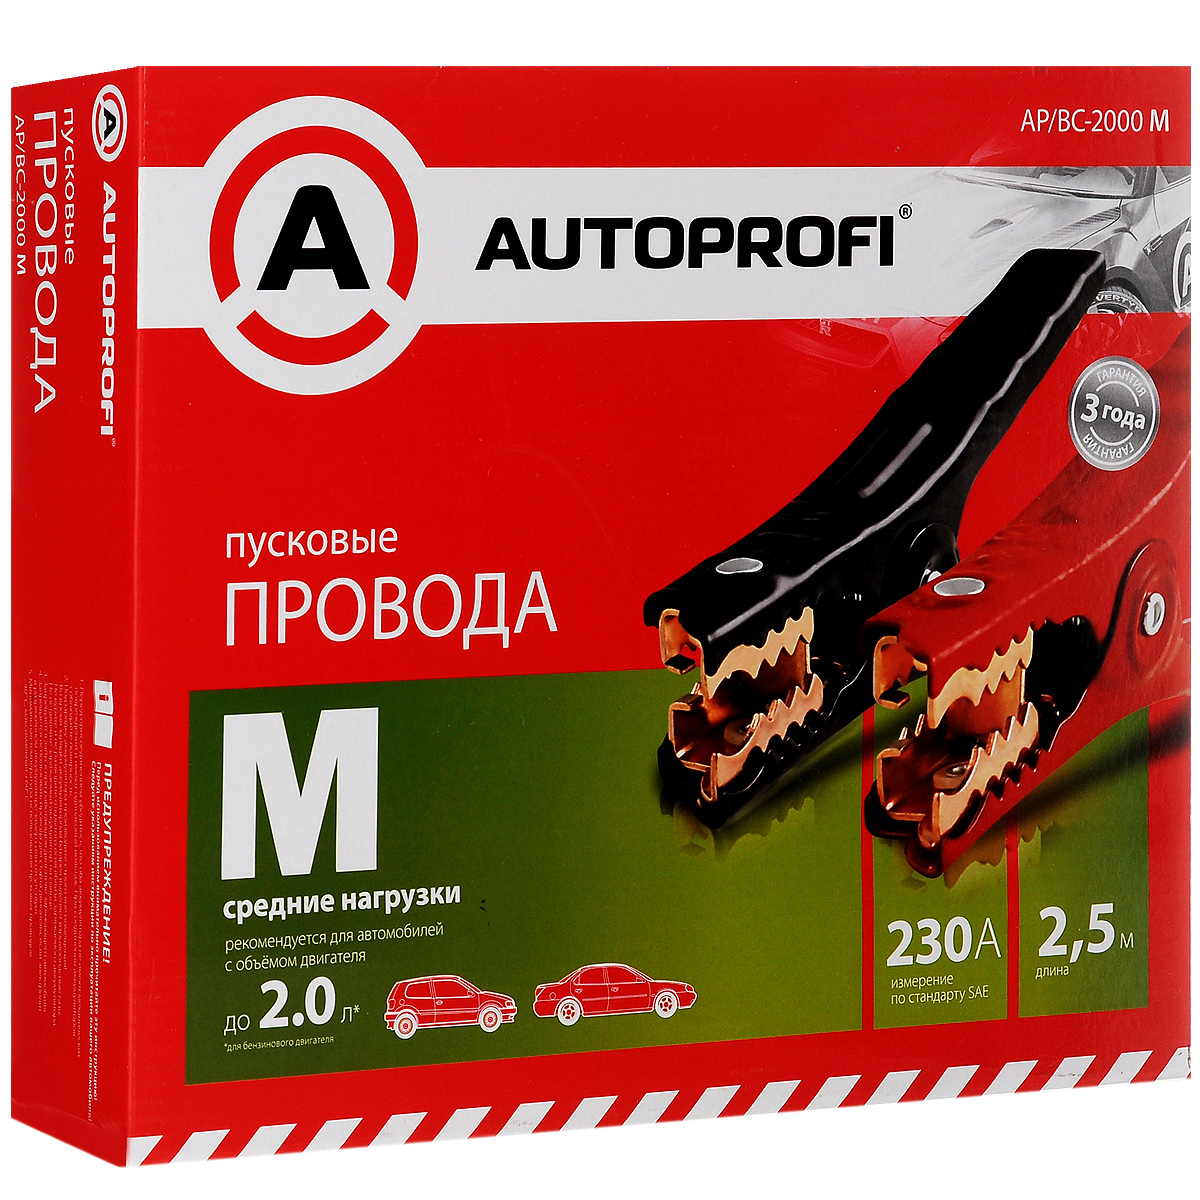 Провода пусковые Autoprofi М, средние нагрузки, 8,37 мм2, 230 A, 2,5 мAGR/TEST-31Пусковые провода Autoprofi М сделаны по американскому стандарту SAE J1494. Это значит, что падение напряжение ни при каких условиях не превышает 2,5 В. Ручки пусковых проводов не нагреваютсядо уровня, способного навредить человеку. Технологически это достигается использованием проводов из толстой алюминиевой жилы с медным напылением, а также надежной термопластовой изоляцией.Данные провода рекомендованы для автомобилей с бензиновым двигателем объемом до 2 л.Сумка для переноски и хранения в комплекте.Ток нагрузки: 230 А.Длина провода: 2,5 м.Сечение проводника: 8,37 мм2.Диапазон рабочих температур: от -40°С до +60°С.